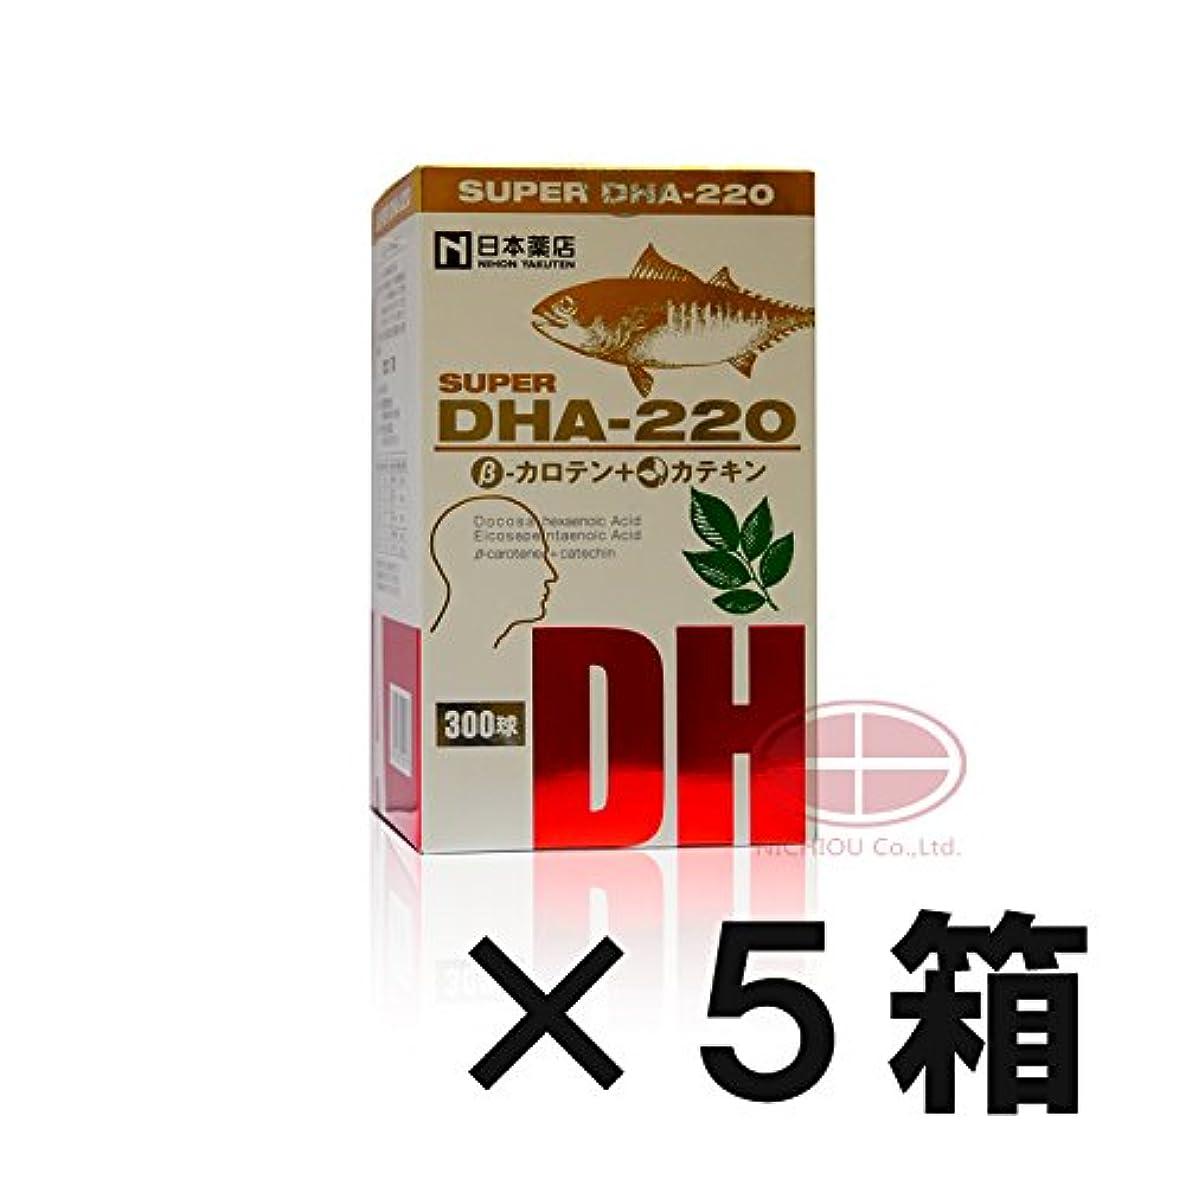 面積解読するバラエティ薬王製薬 スーパーDHA220 βカロテン+カテキン 300粒 (5)